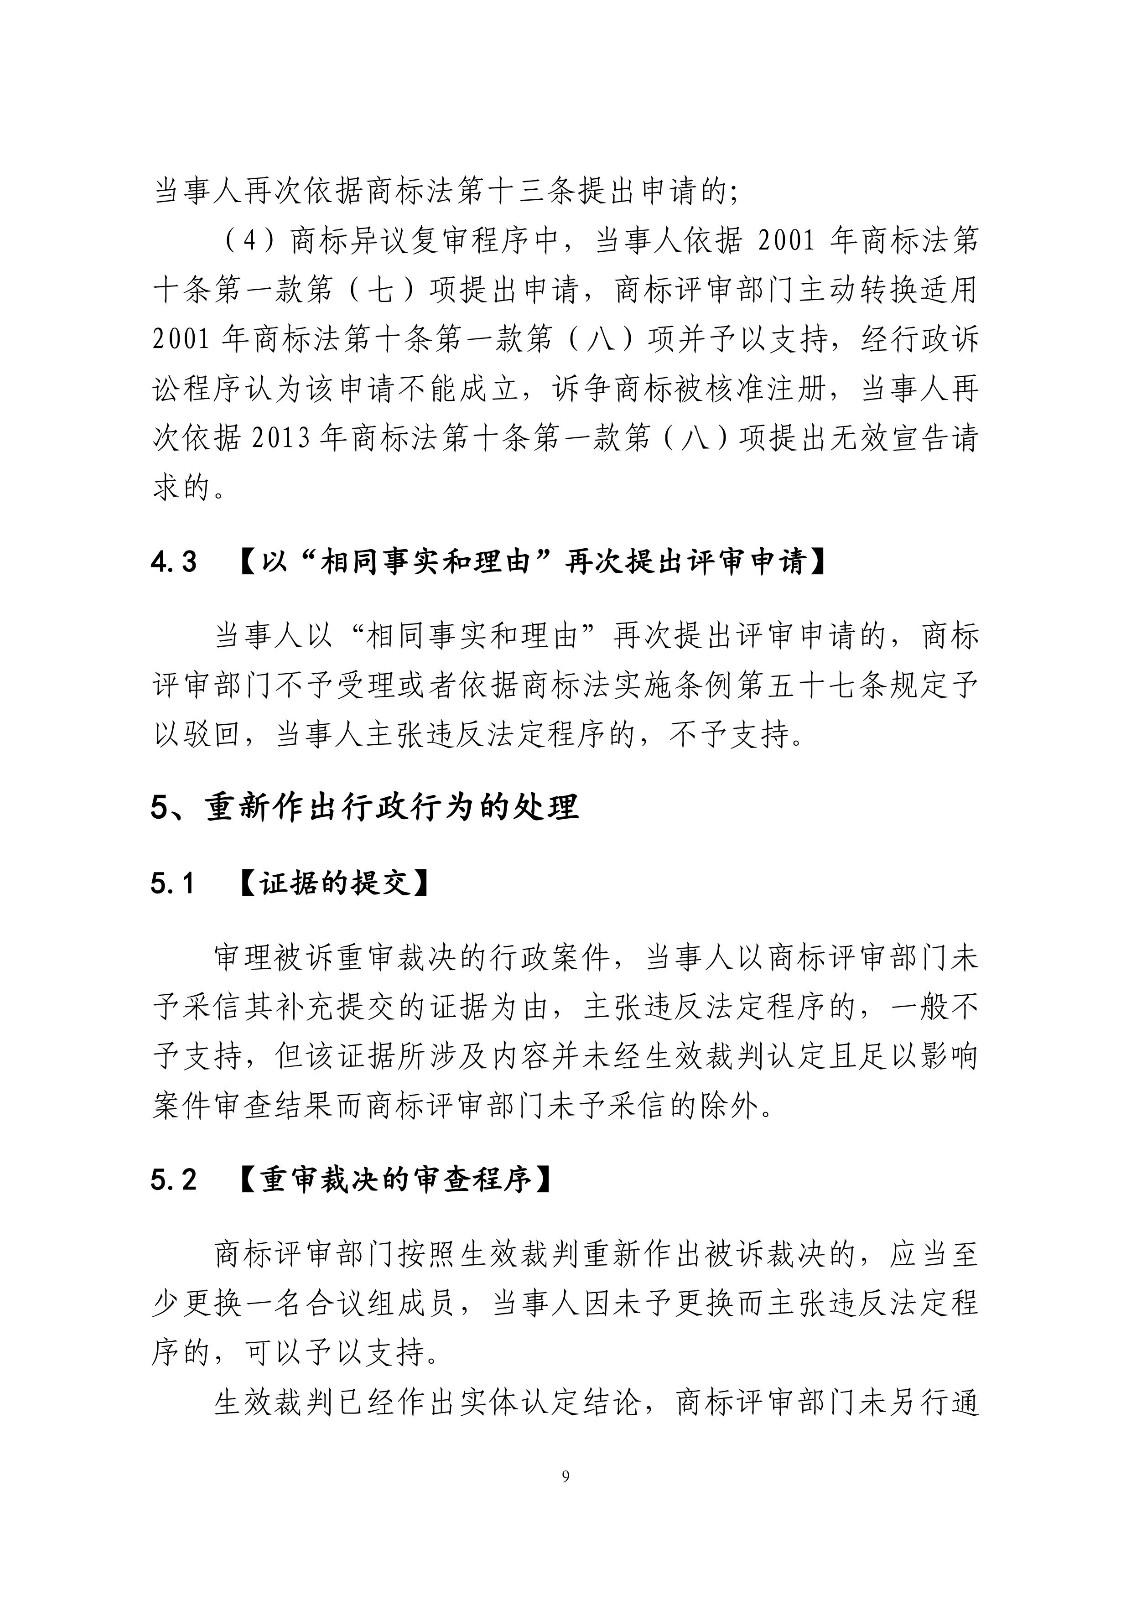 北京法院制定《商标授权确权行政案件审理指南》